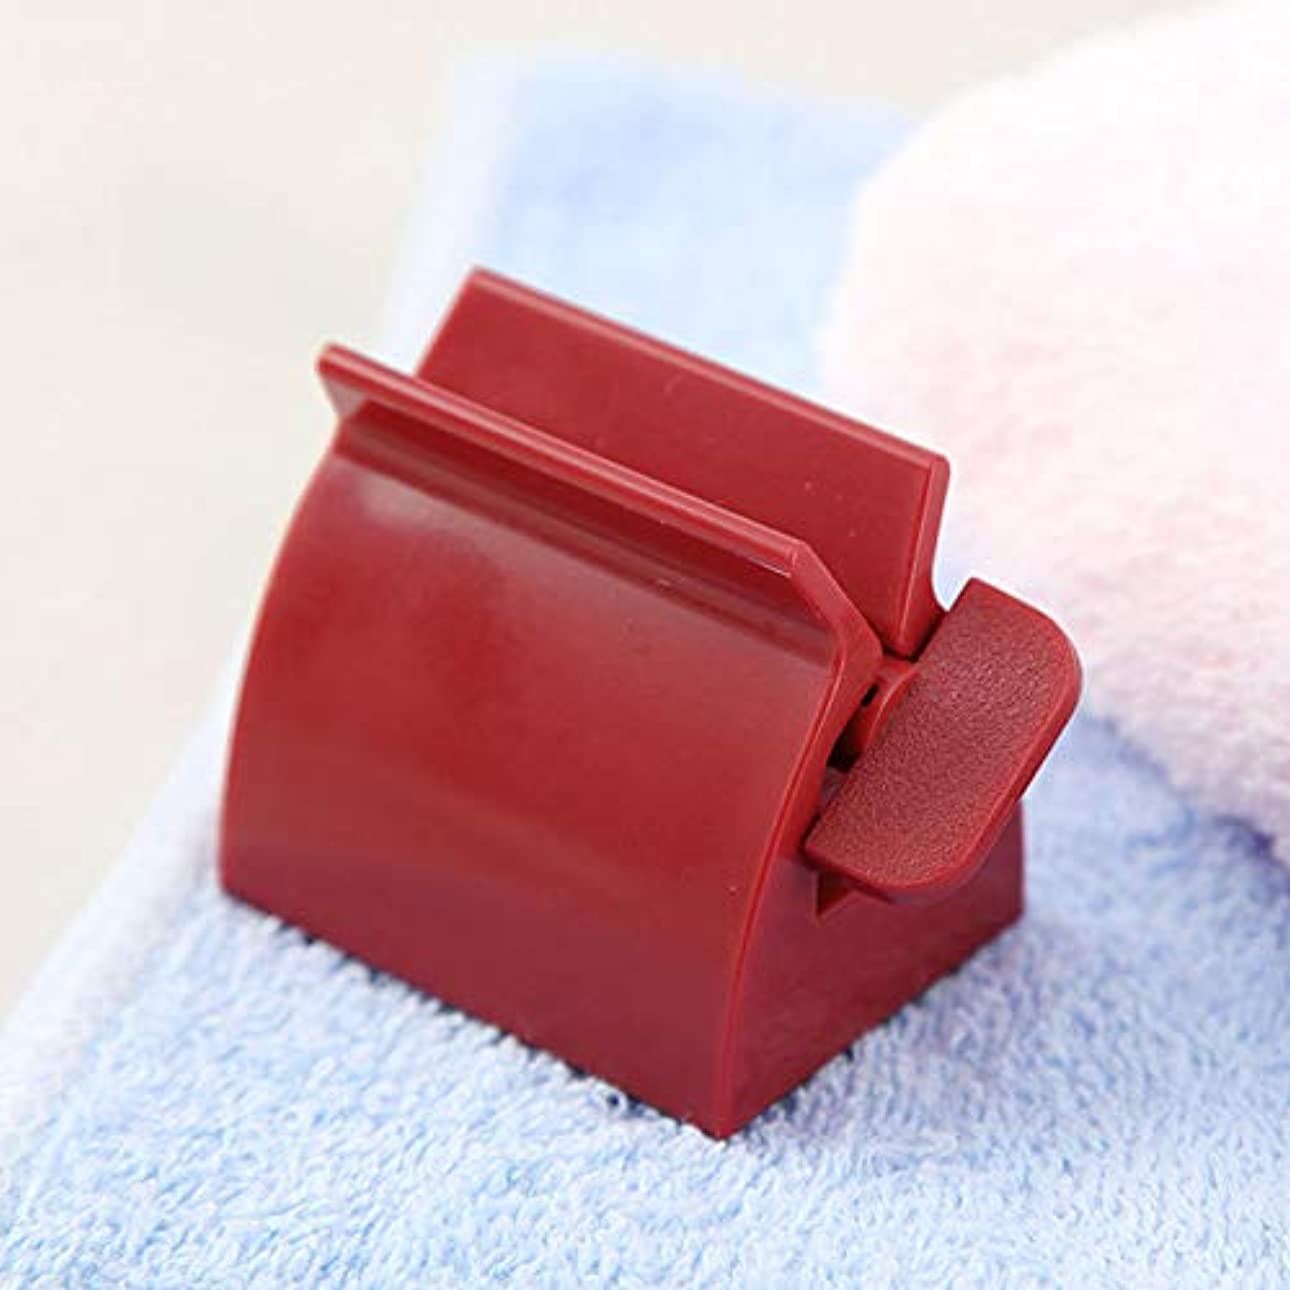 周術期カブつまらないSODAOA屋 手動歯磨き粉スクイーザ 歯磨き粉 ホルダー バスルーム洗顔料 化粧品 クリーム ハンドクリーム 節約 ローリングチューブスクイーザー便利 練り歯磨きスクイーザー 多機能 (レッド)